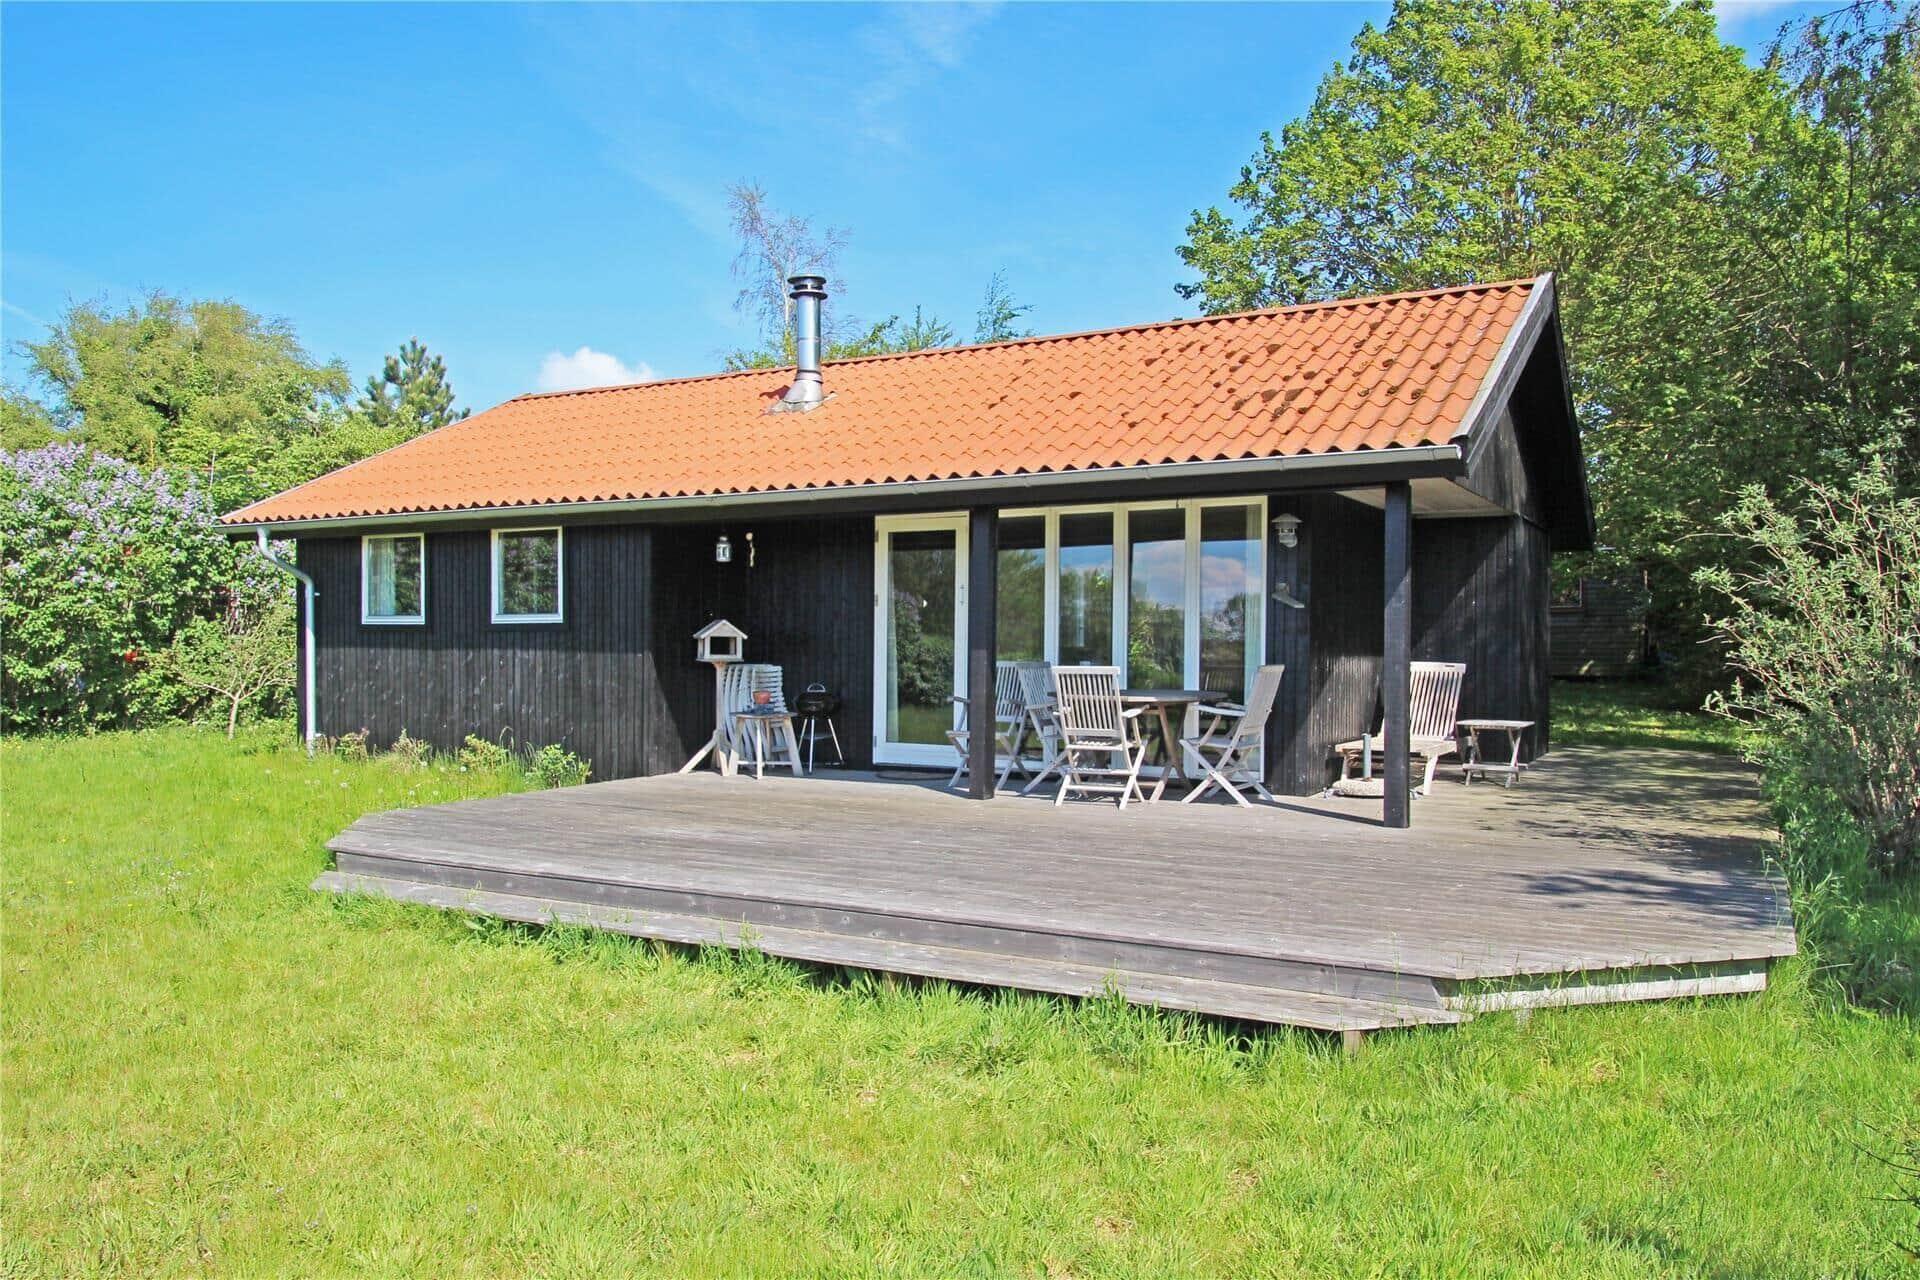 Afbeelding 1-3 Vakantiehuis M65438, Klintholmvej 4, DK - 5642 Millinge